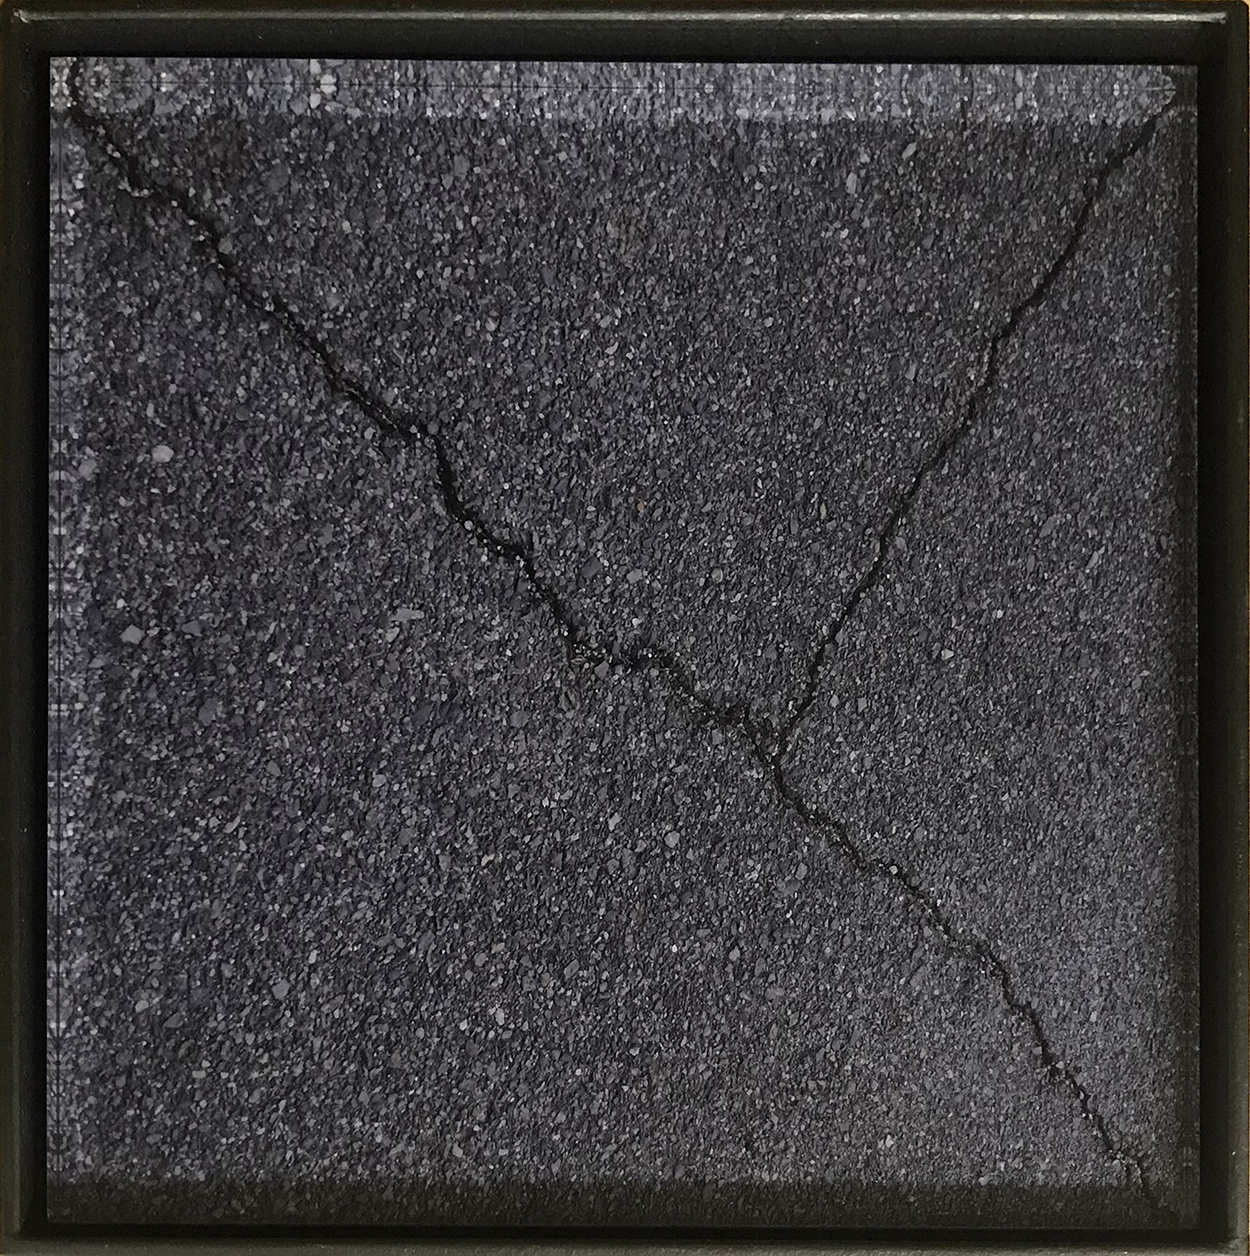 対角を見つける/find the opposite angle|Lambda silversalt print, acrylic board, iron|192 x 192 x 50 mm|2017